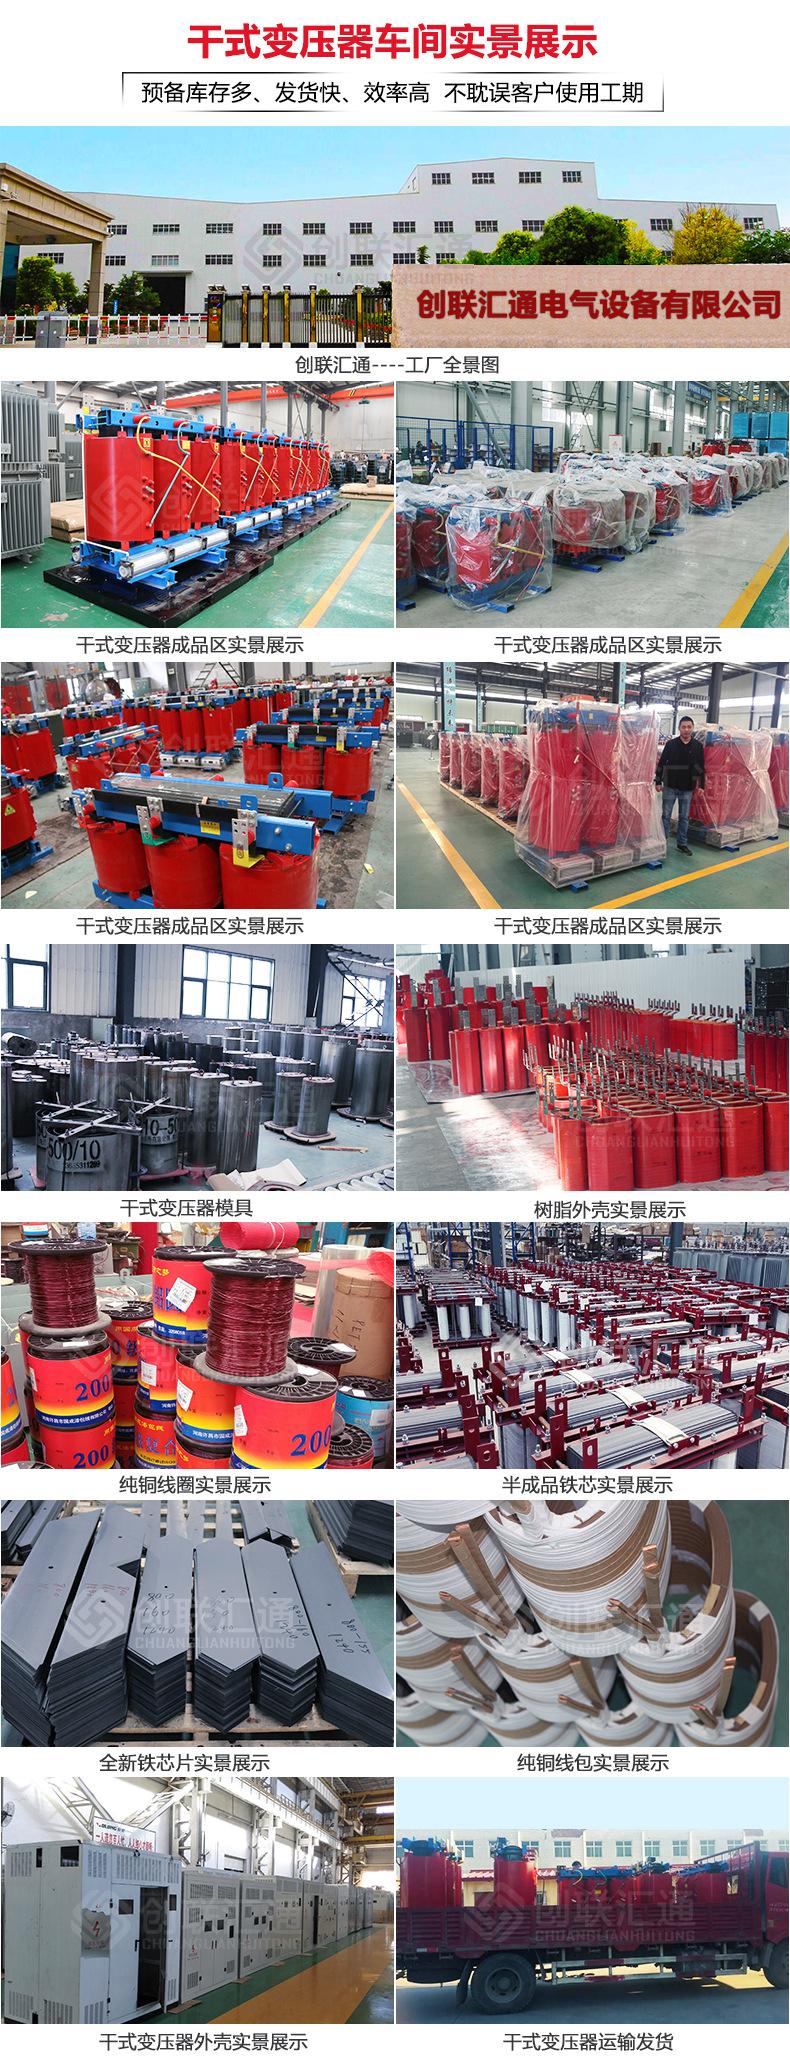 专业生产SCBH15-125KVA非晶合金干式变压器 35KV有载调压干式变压器-创联汇通示例图11